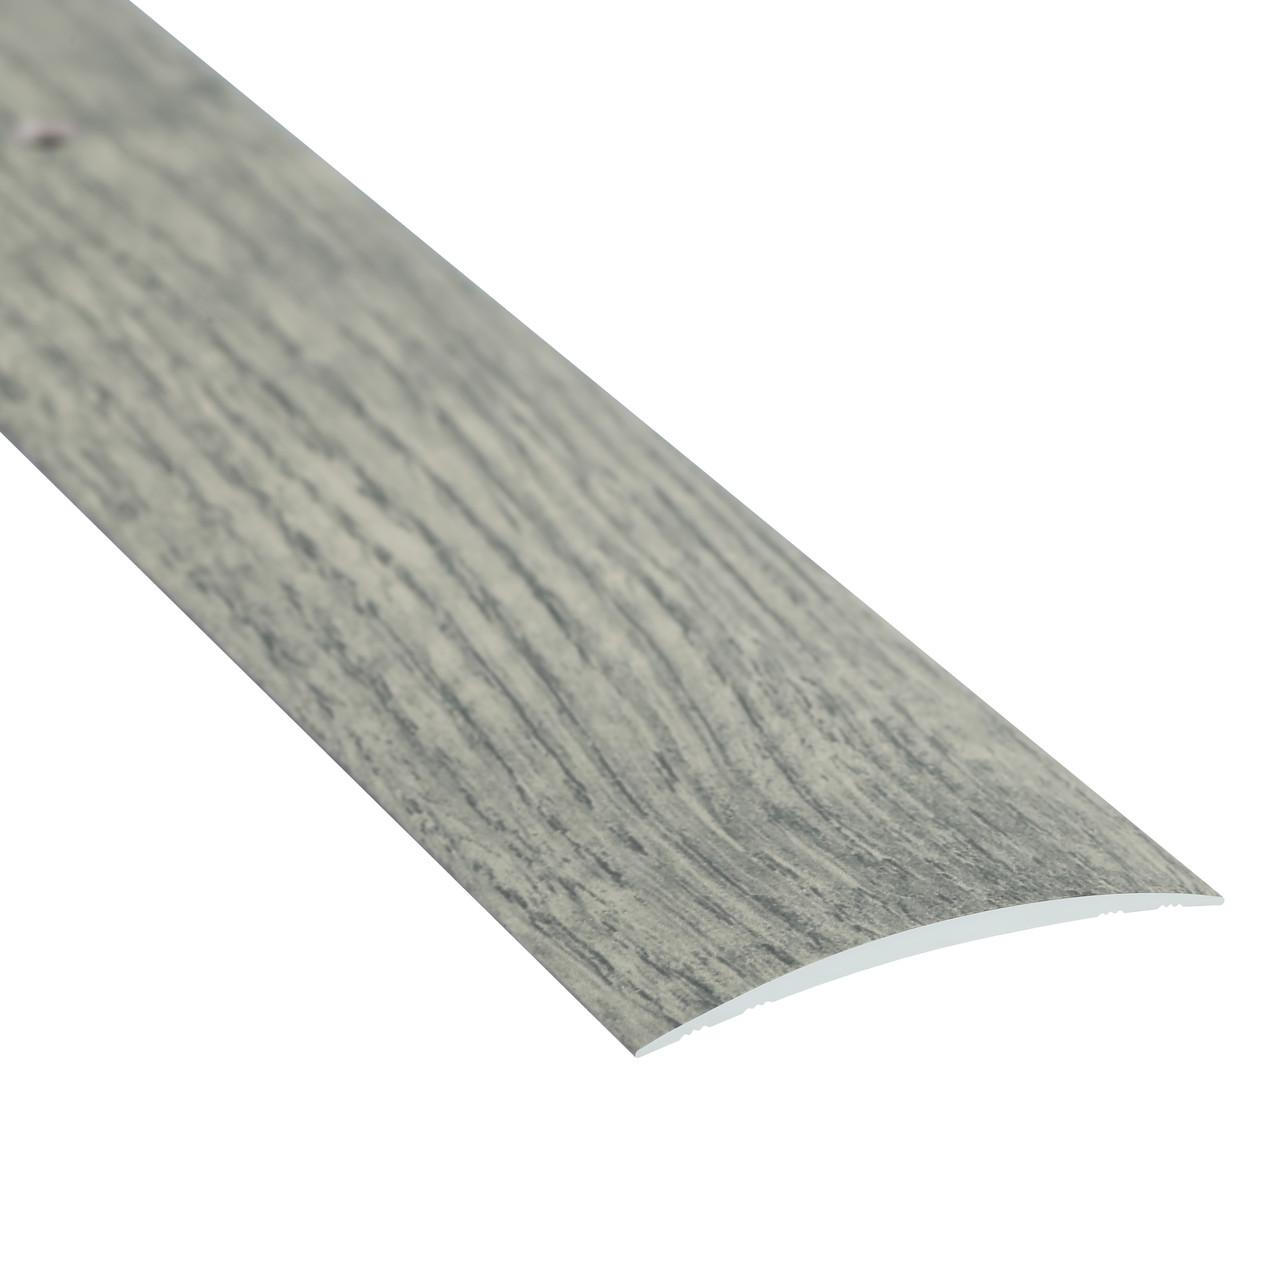 Алюминиевый профиль одноуровневый гладкий декорированный 40мм х 1.8м дуб дымчатый